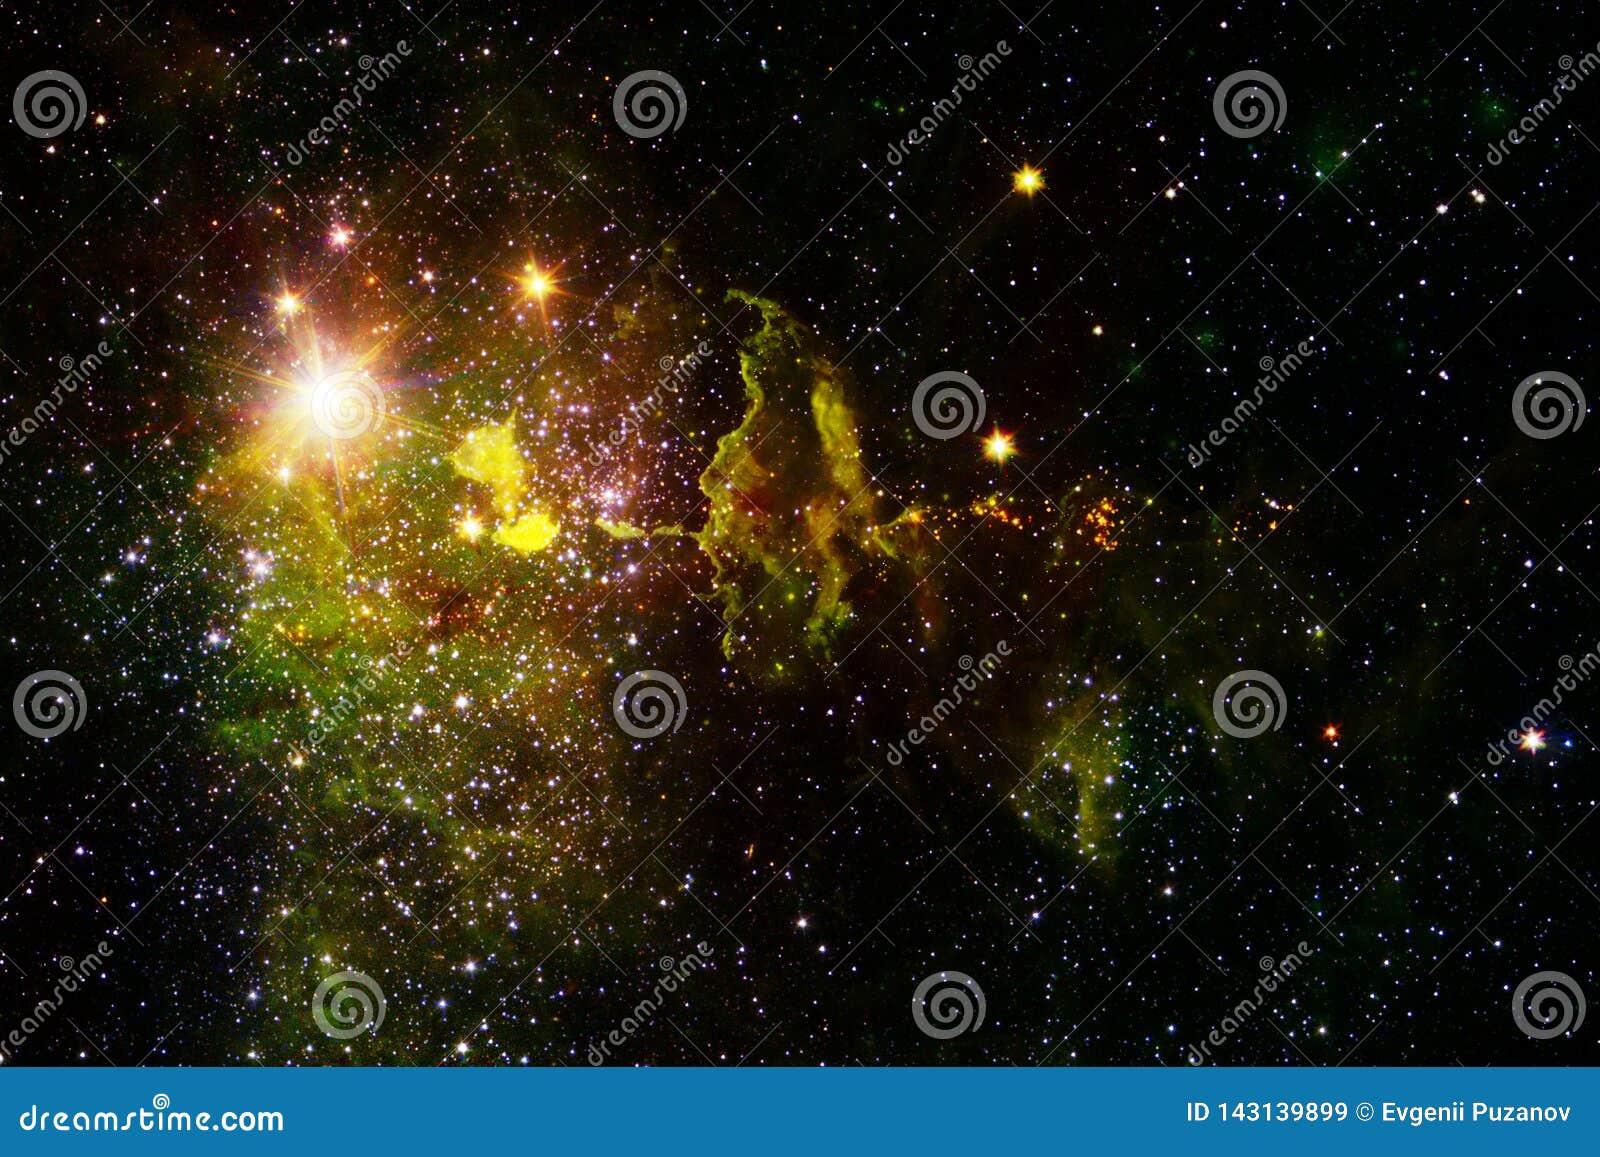 Kosmische Landschaft, ehrf?rchtige Zukunftsromantapete mit endlosem Weltraum